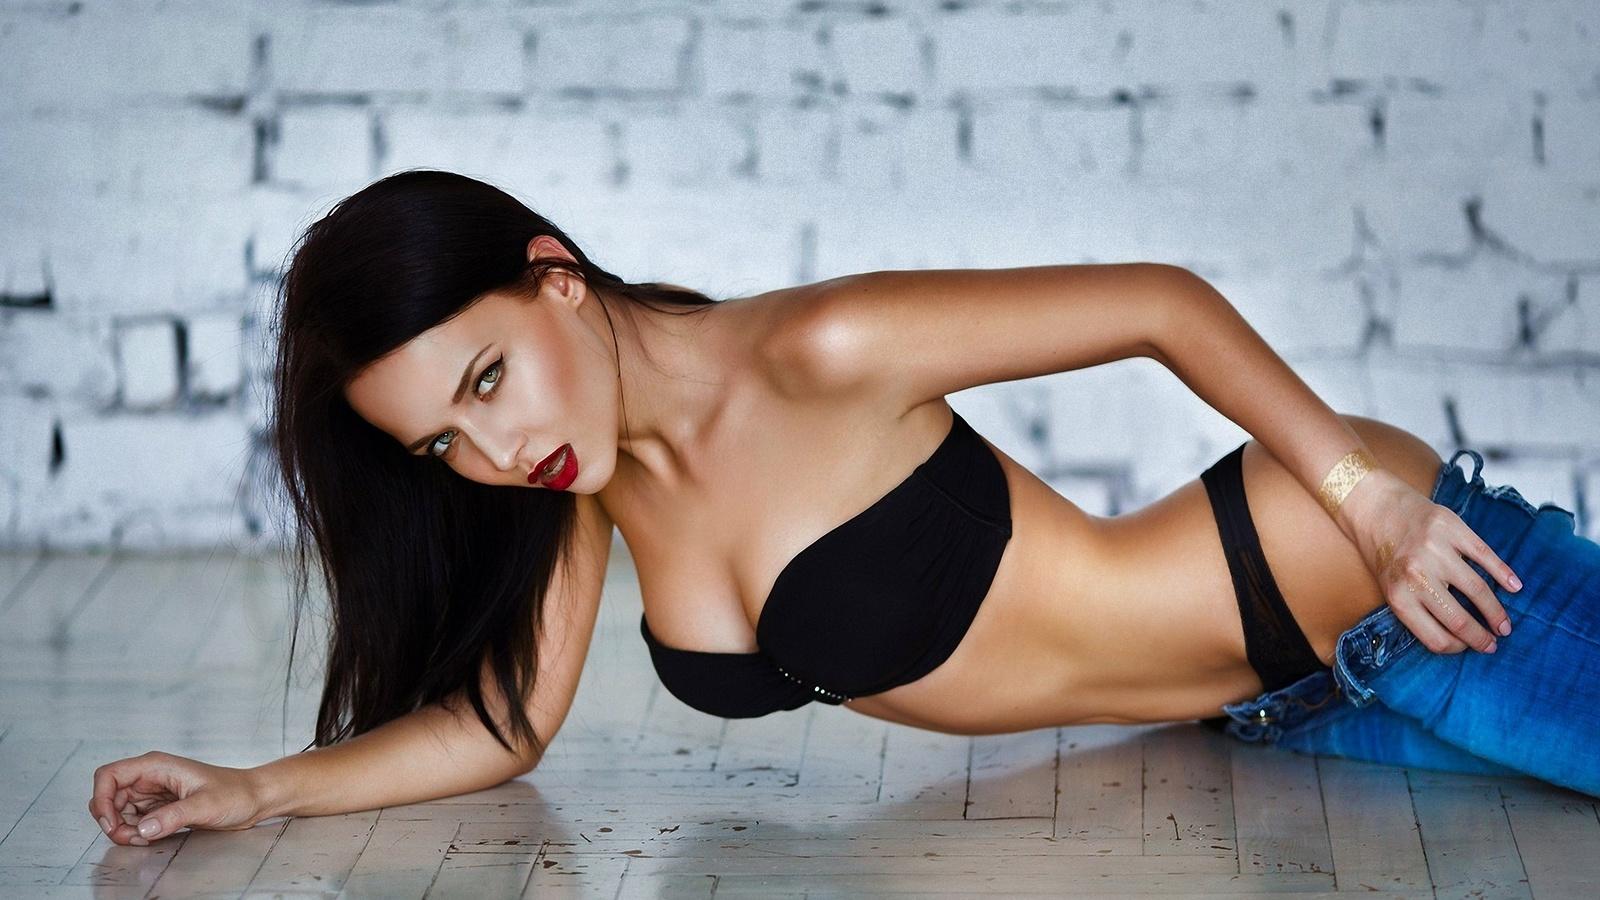 Русская красотка ангелина, Русское порно с Анжелика - смотреть онлайн бесплатно 1 фотография